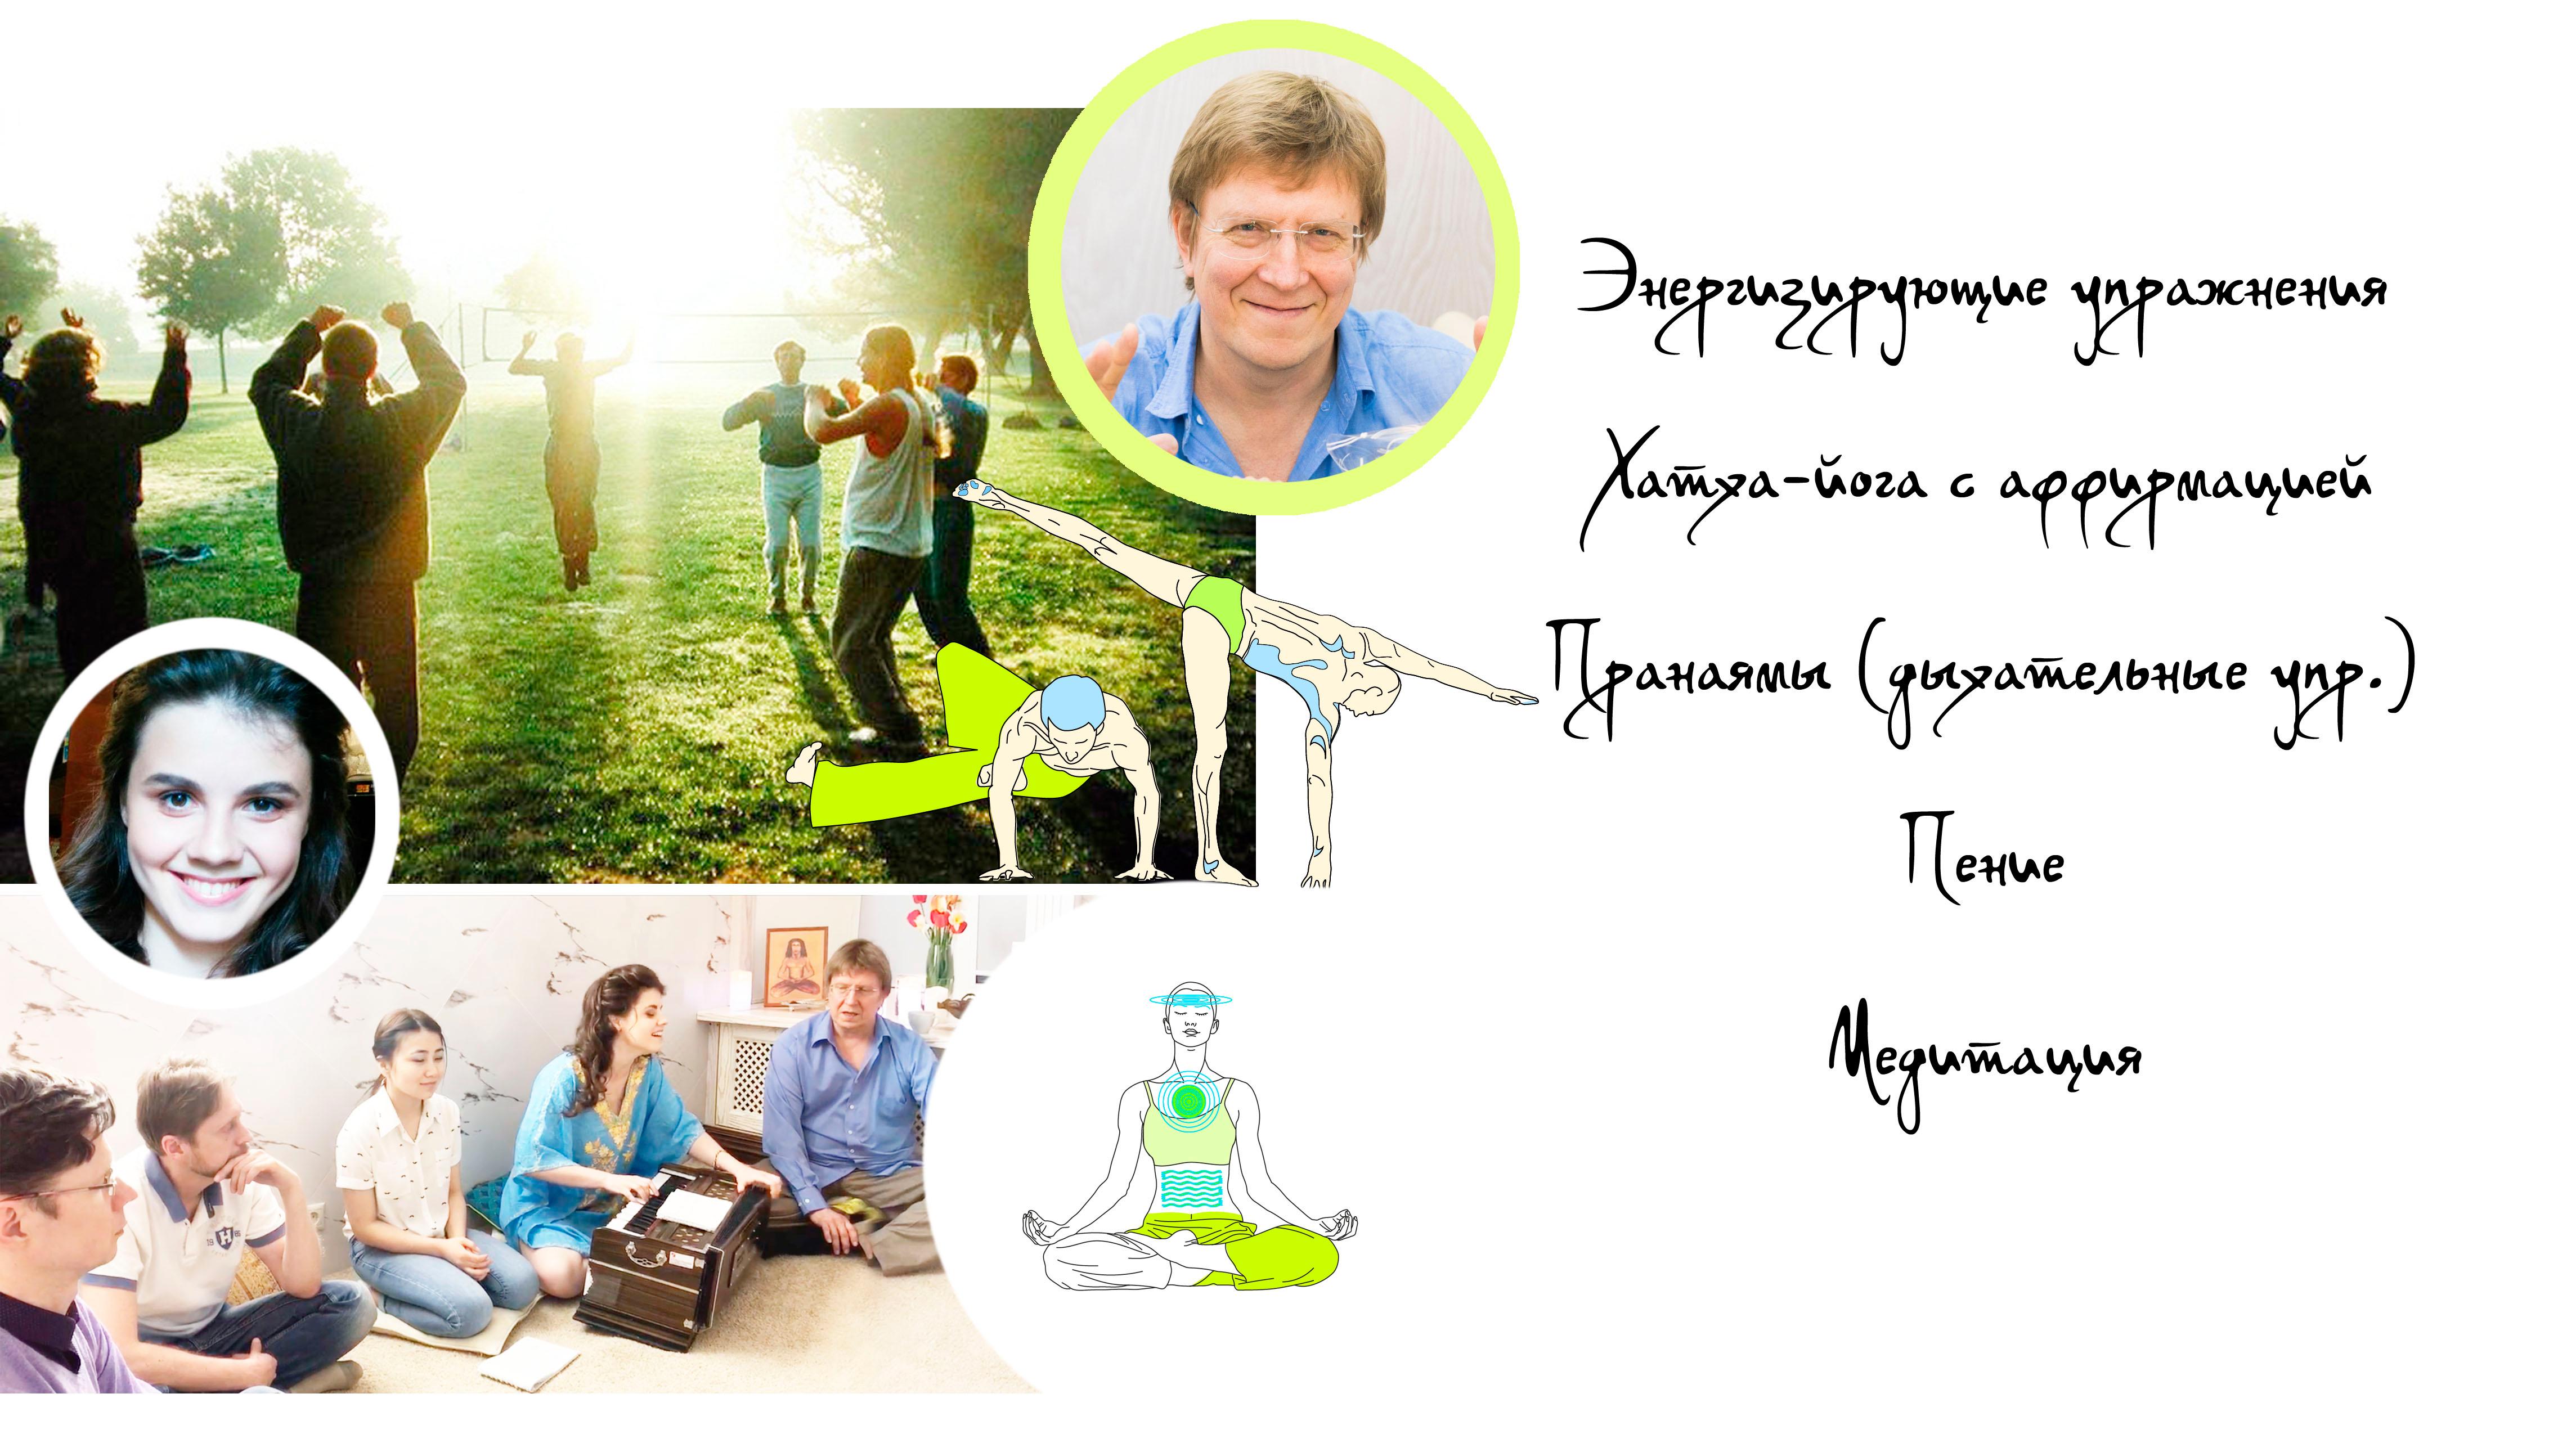 Занятие: крийя йога (Энергизирующие упр., хатха-йога с аффирмациями, пение, медитация и пранаямы)